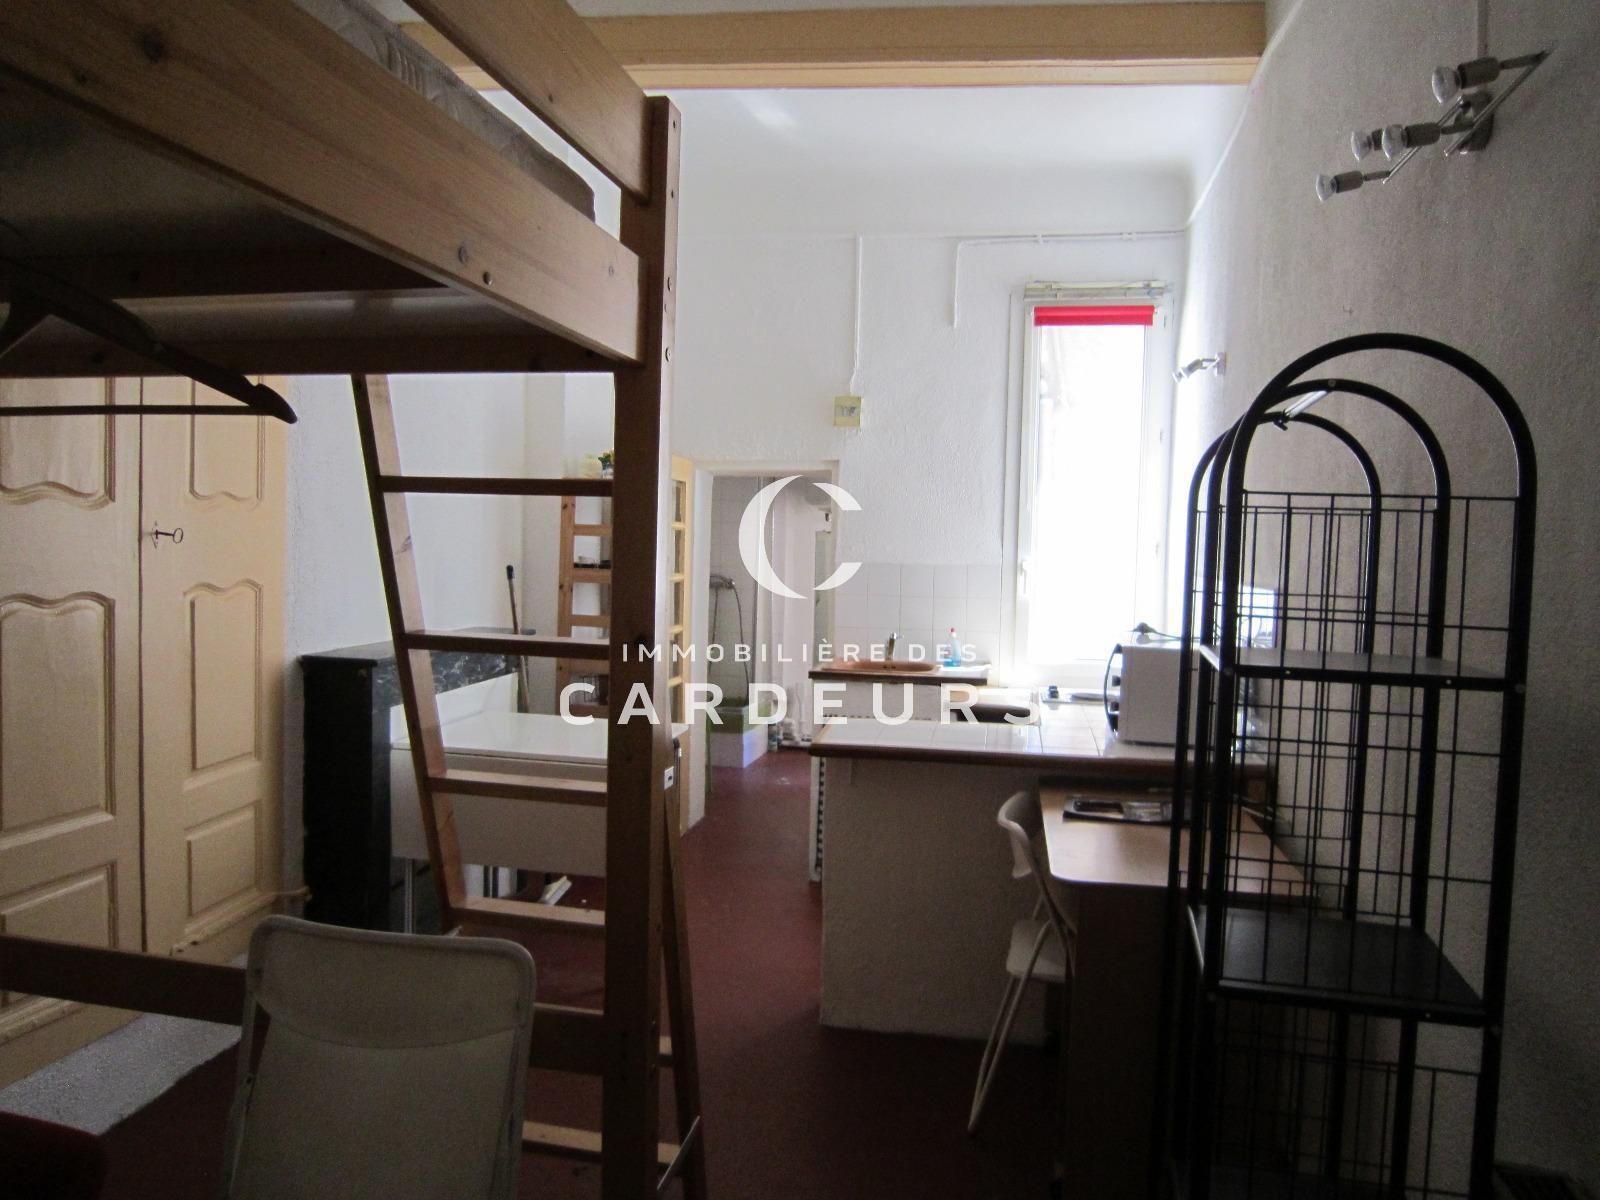 Location studio meubl aix en provence centre ville proche for Location meuble aix en provence